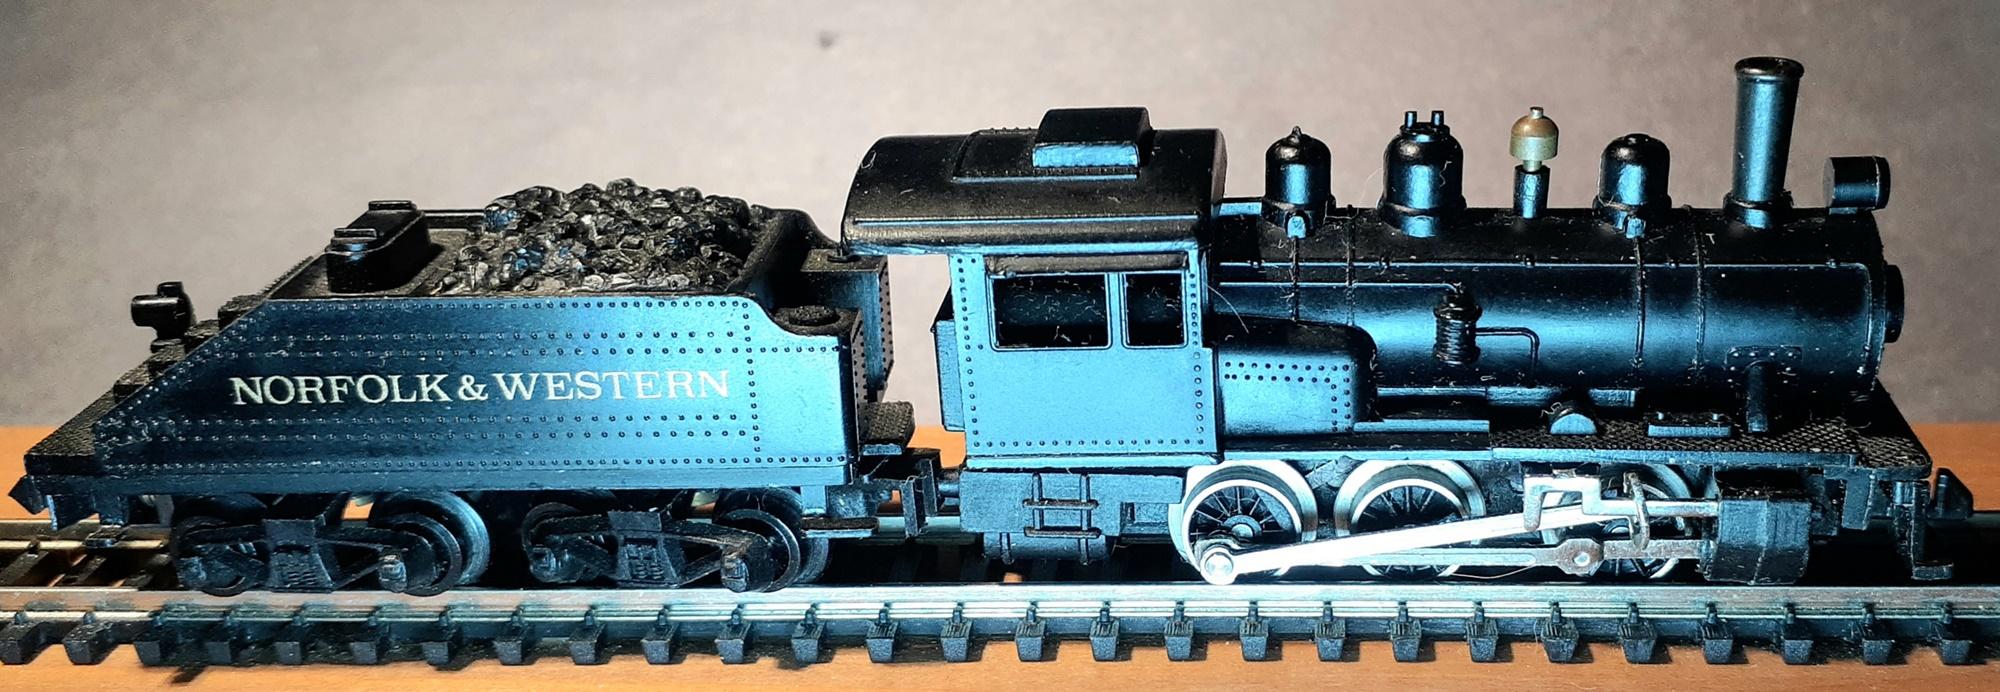 N Scale - Arnold - 0227 - Engine, Steam, 0-6-0 - Norfolk & Western